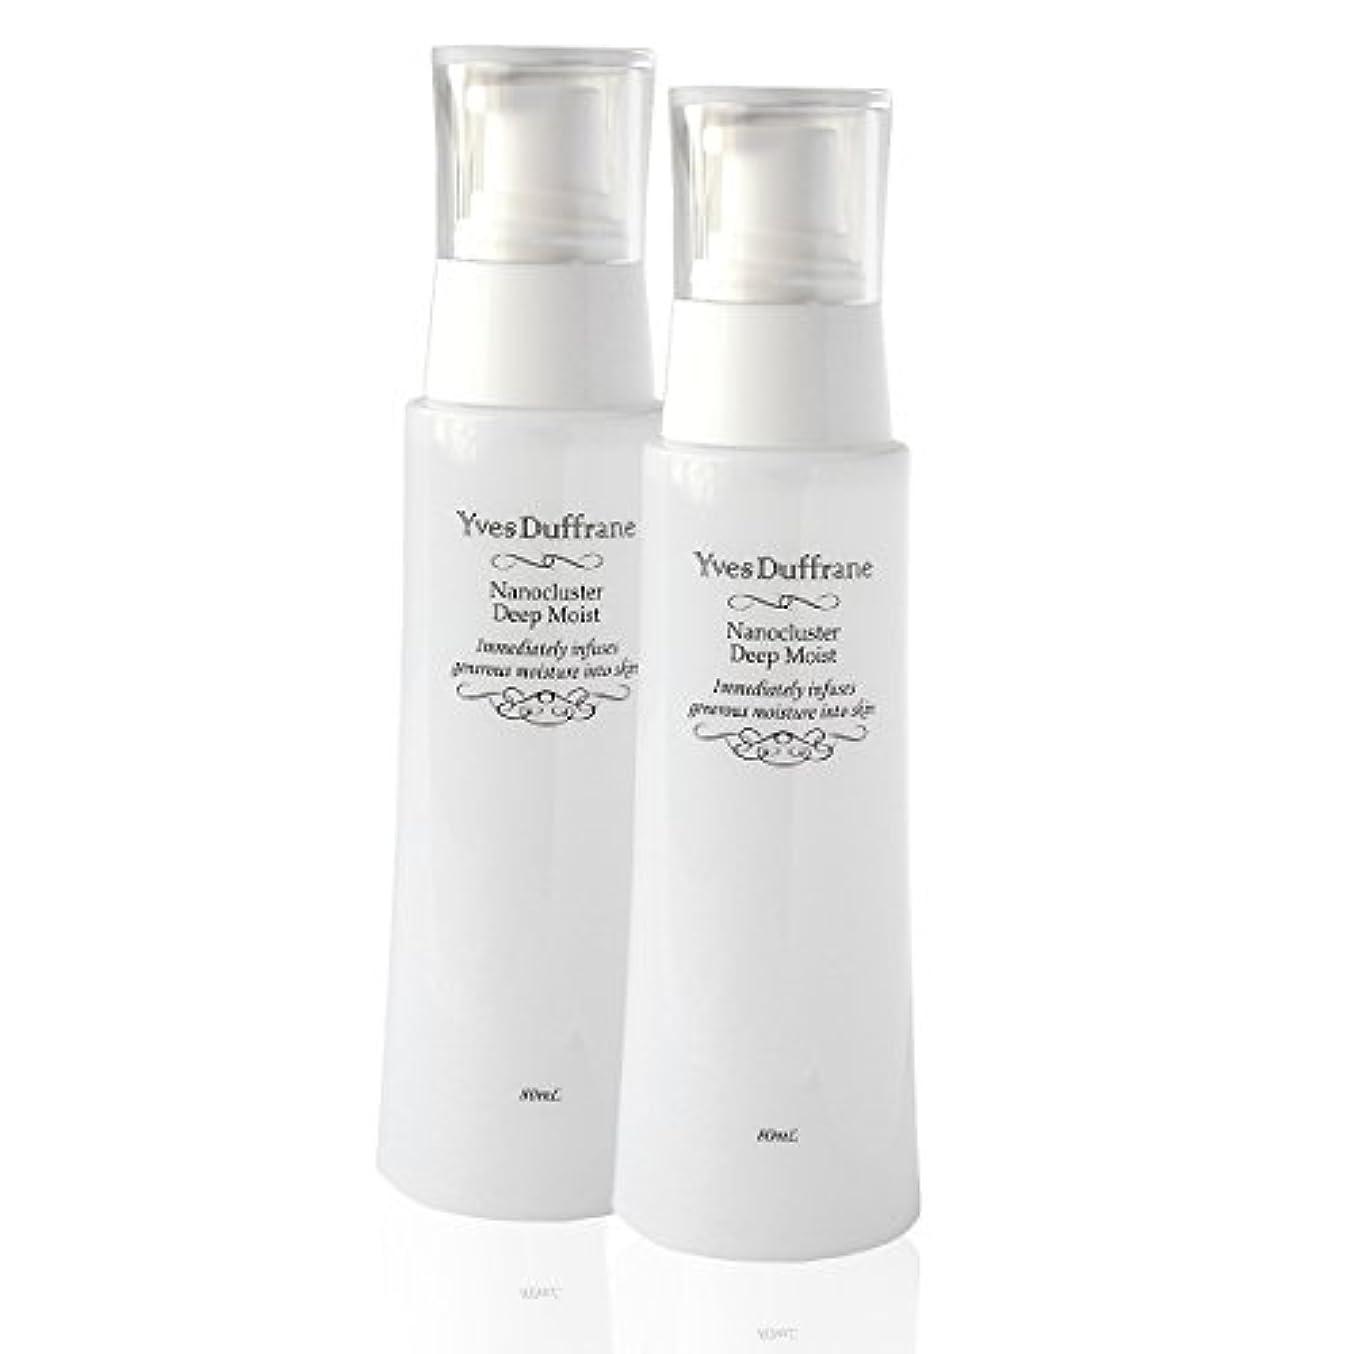 足首原子輝度化粧水 ( ナノ化粧水 2点セット)ナノ化 スクワラン 乾燥 毛穴 敏感肌 高保湿 高浸透 高品質 メンズ OK